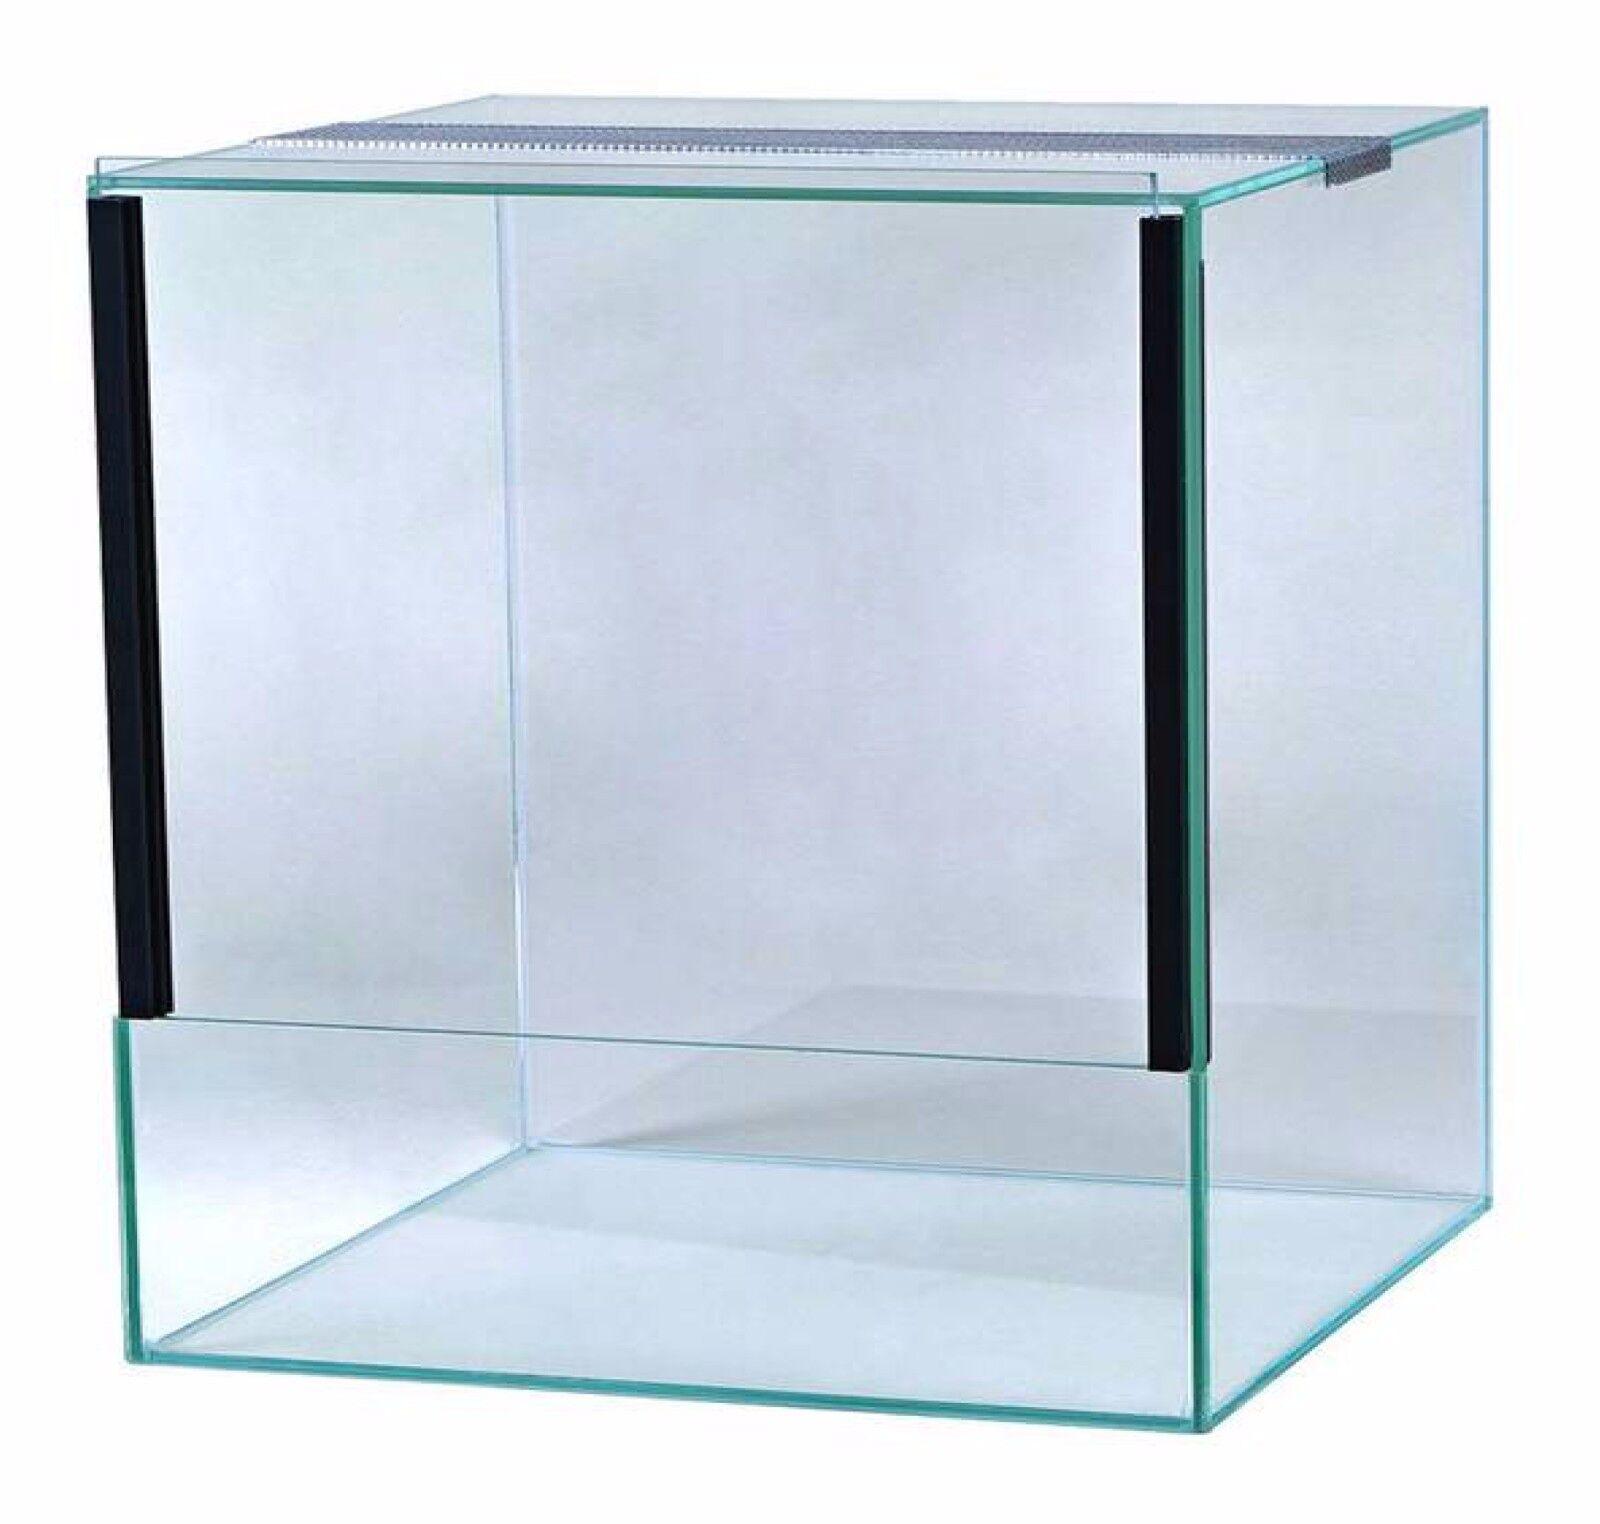 Glas Terrarium Schiebetür Falltür Glasterrarium Reptilien Spinnen viele Größen 30x30x30 Falltür